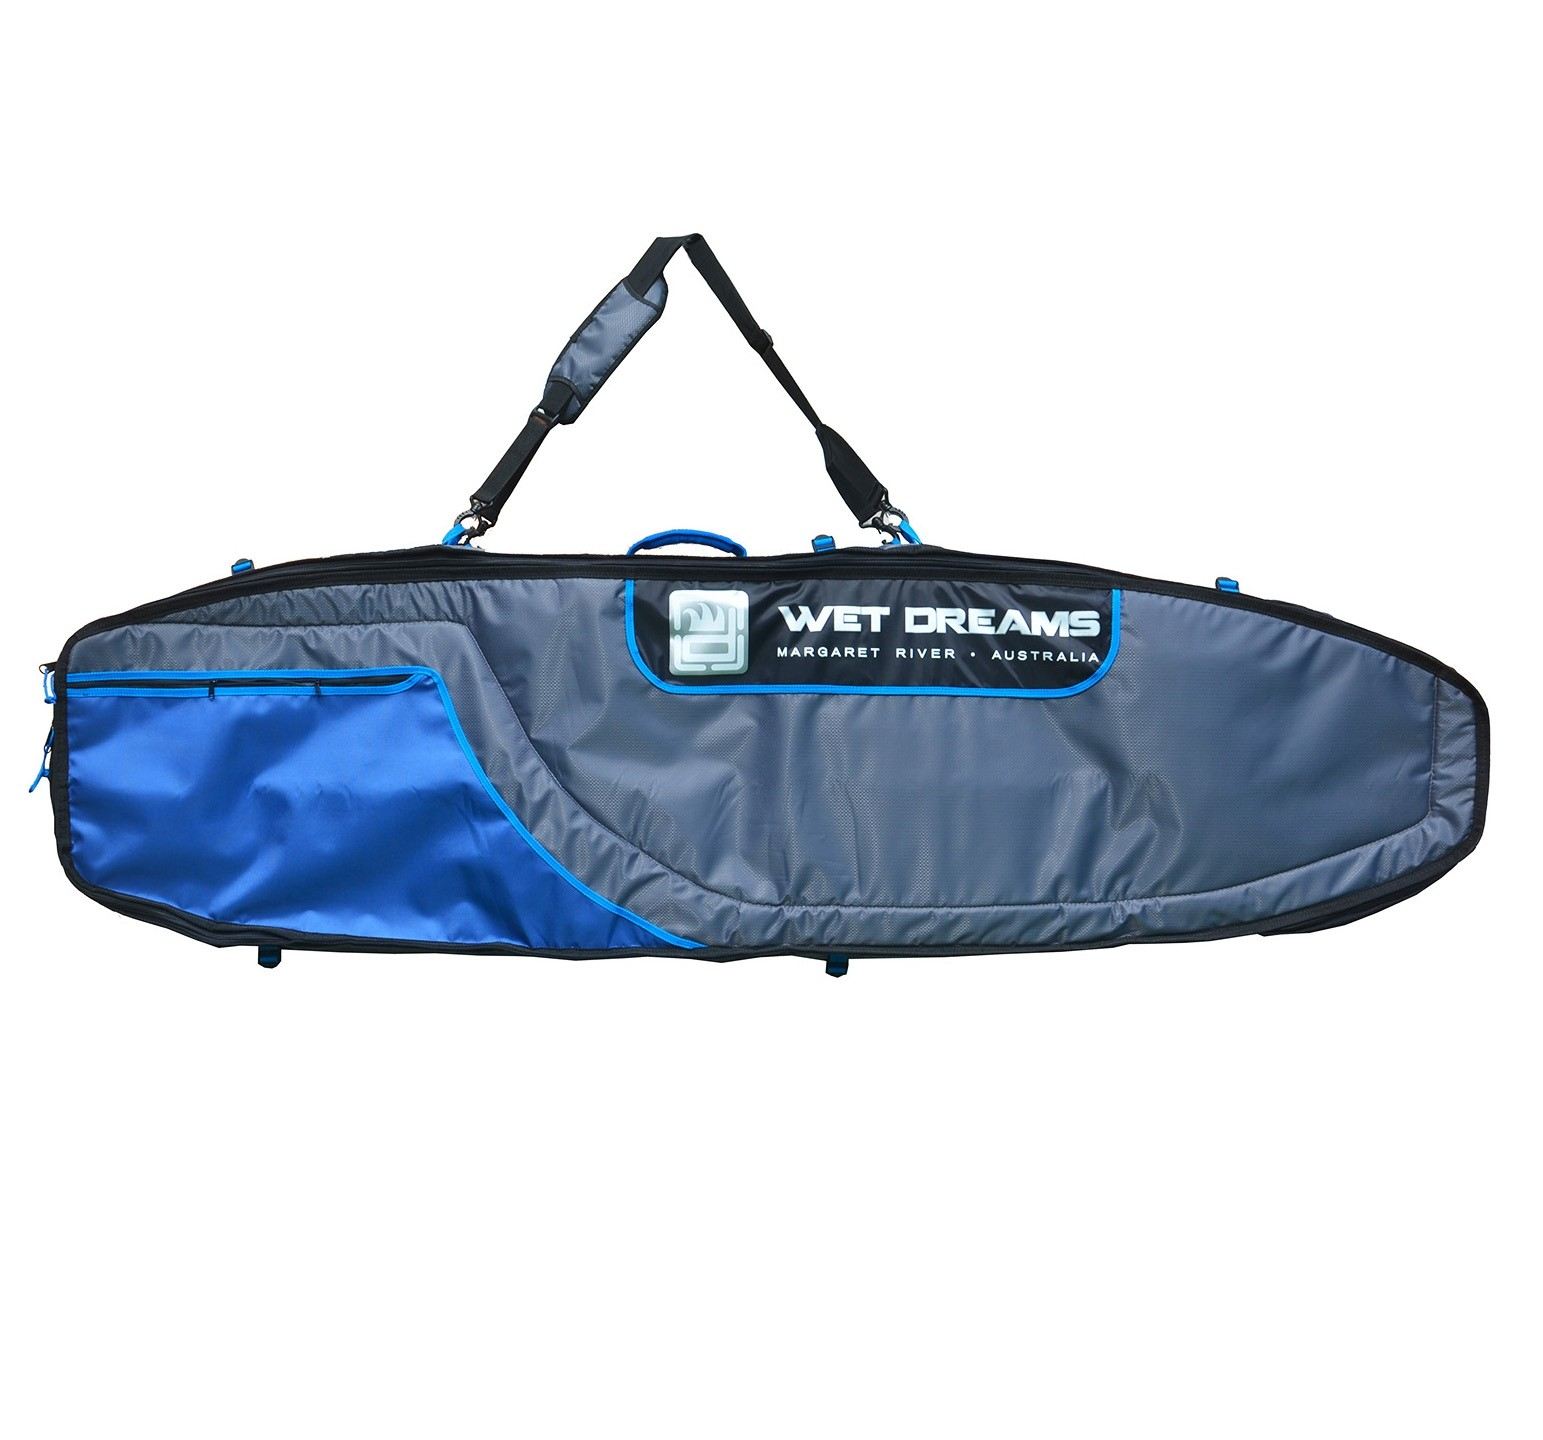 Sarcófago para 4 pranchas de Surf 9'6'' - 2,92m - Wet Dreams | Prancharia